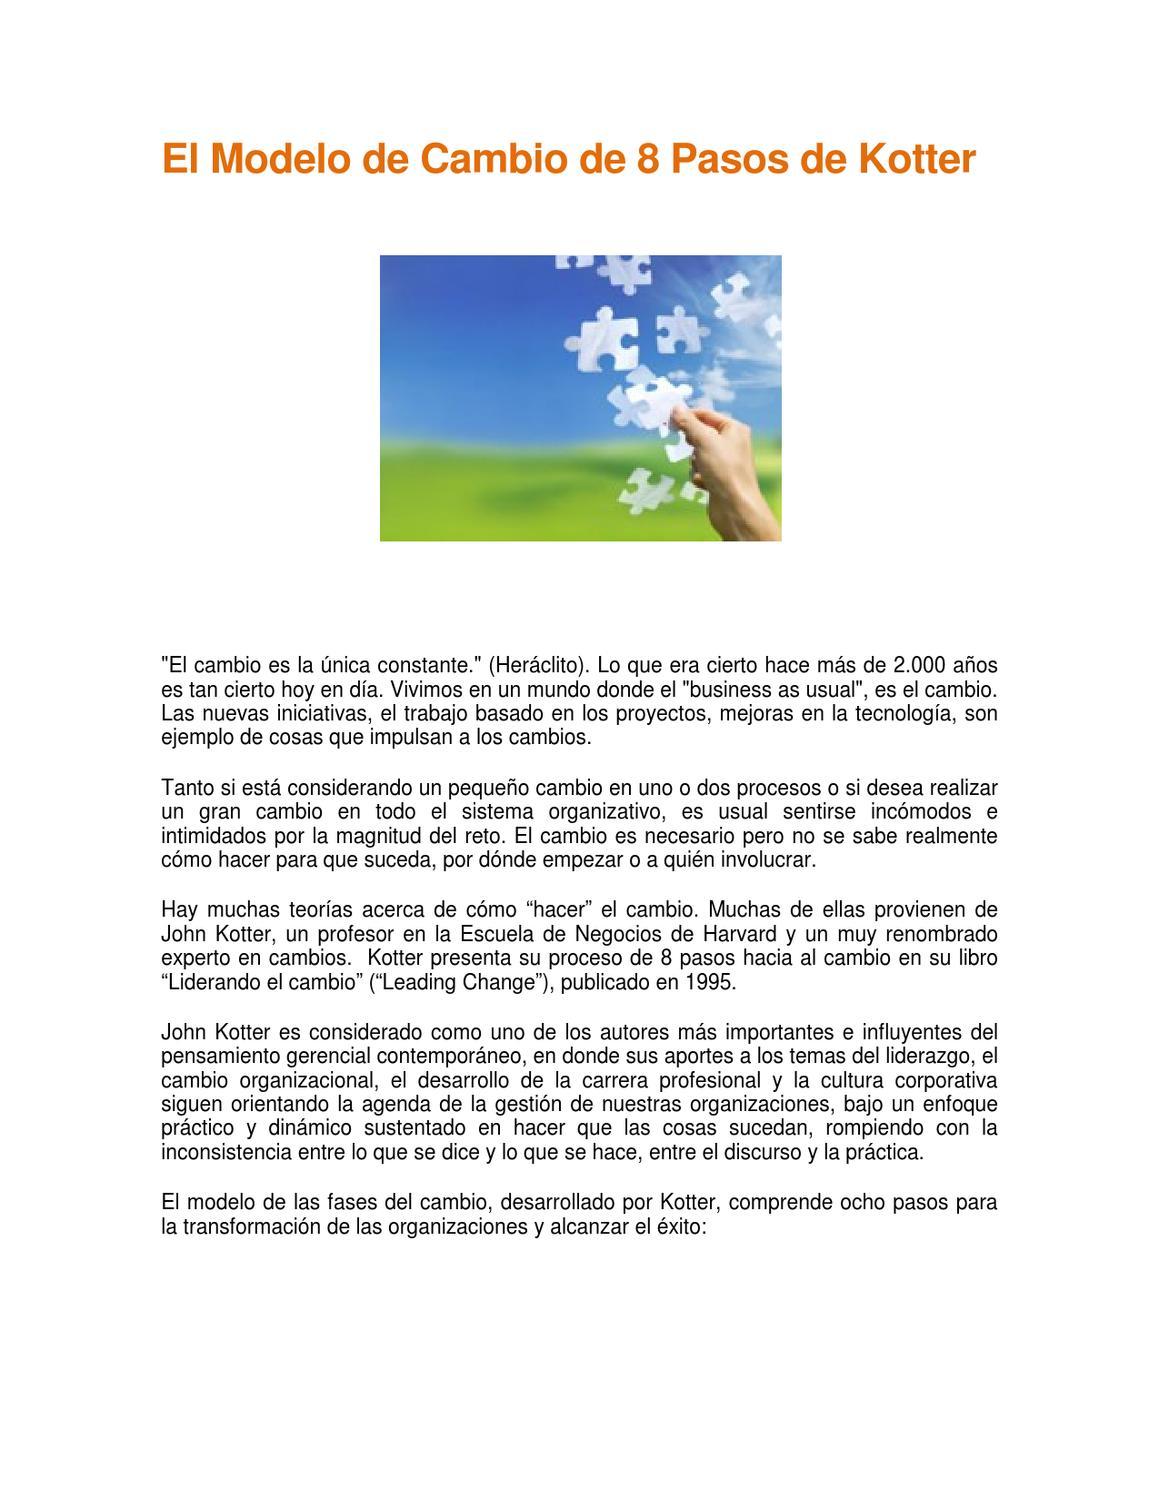 El modelo de cambio de 8 pasos de Kotter by Norberto Figuerola - issuu